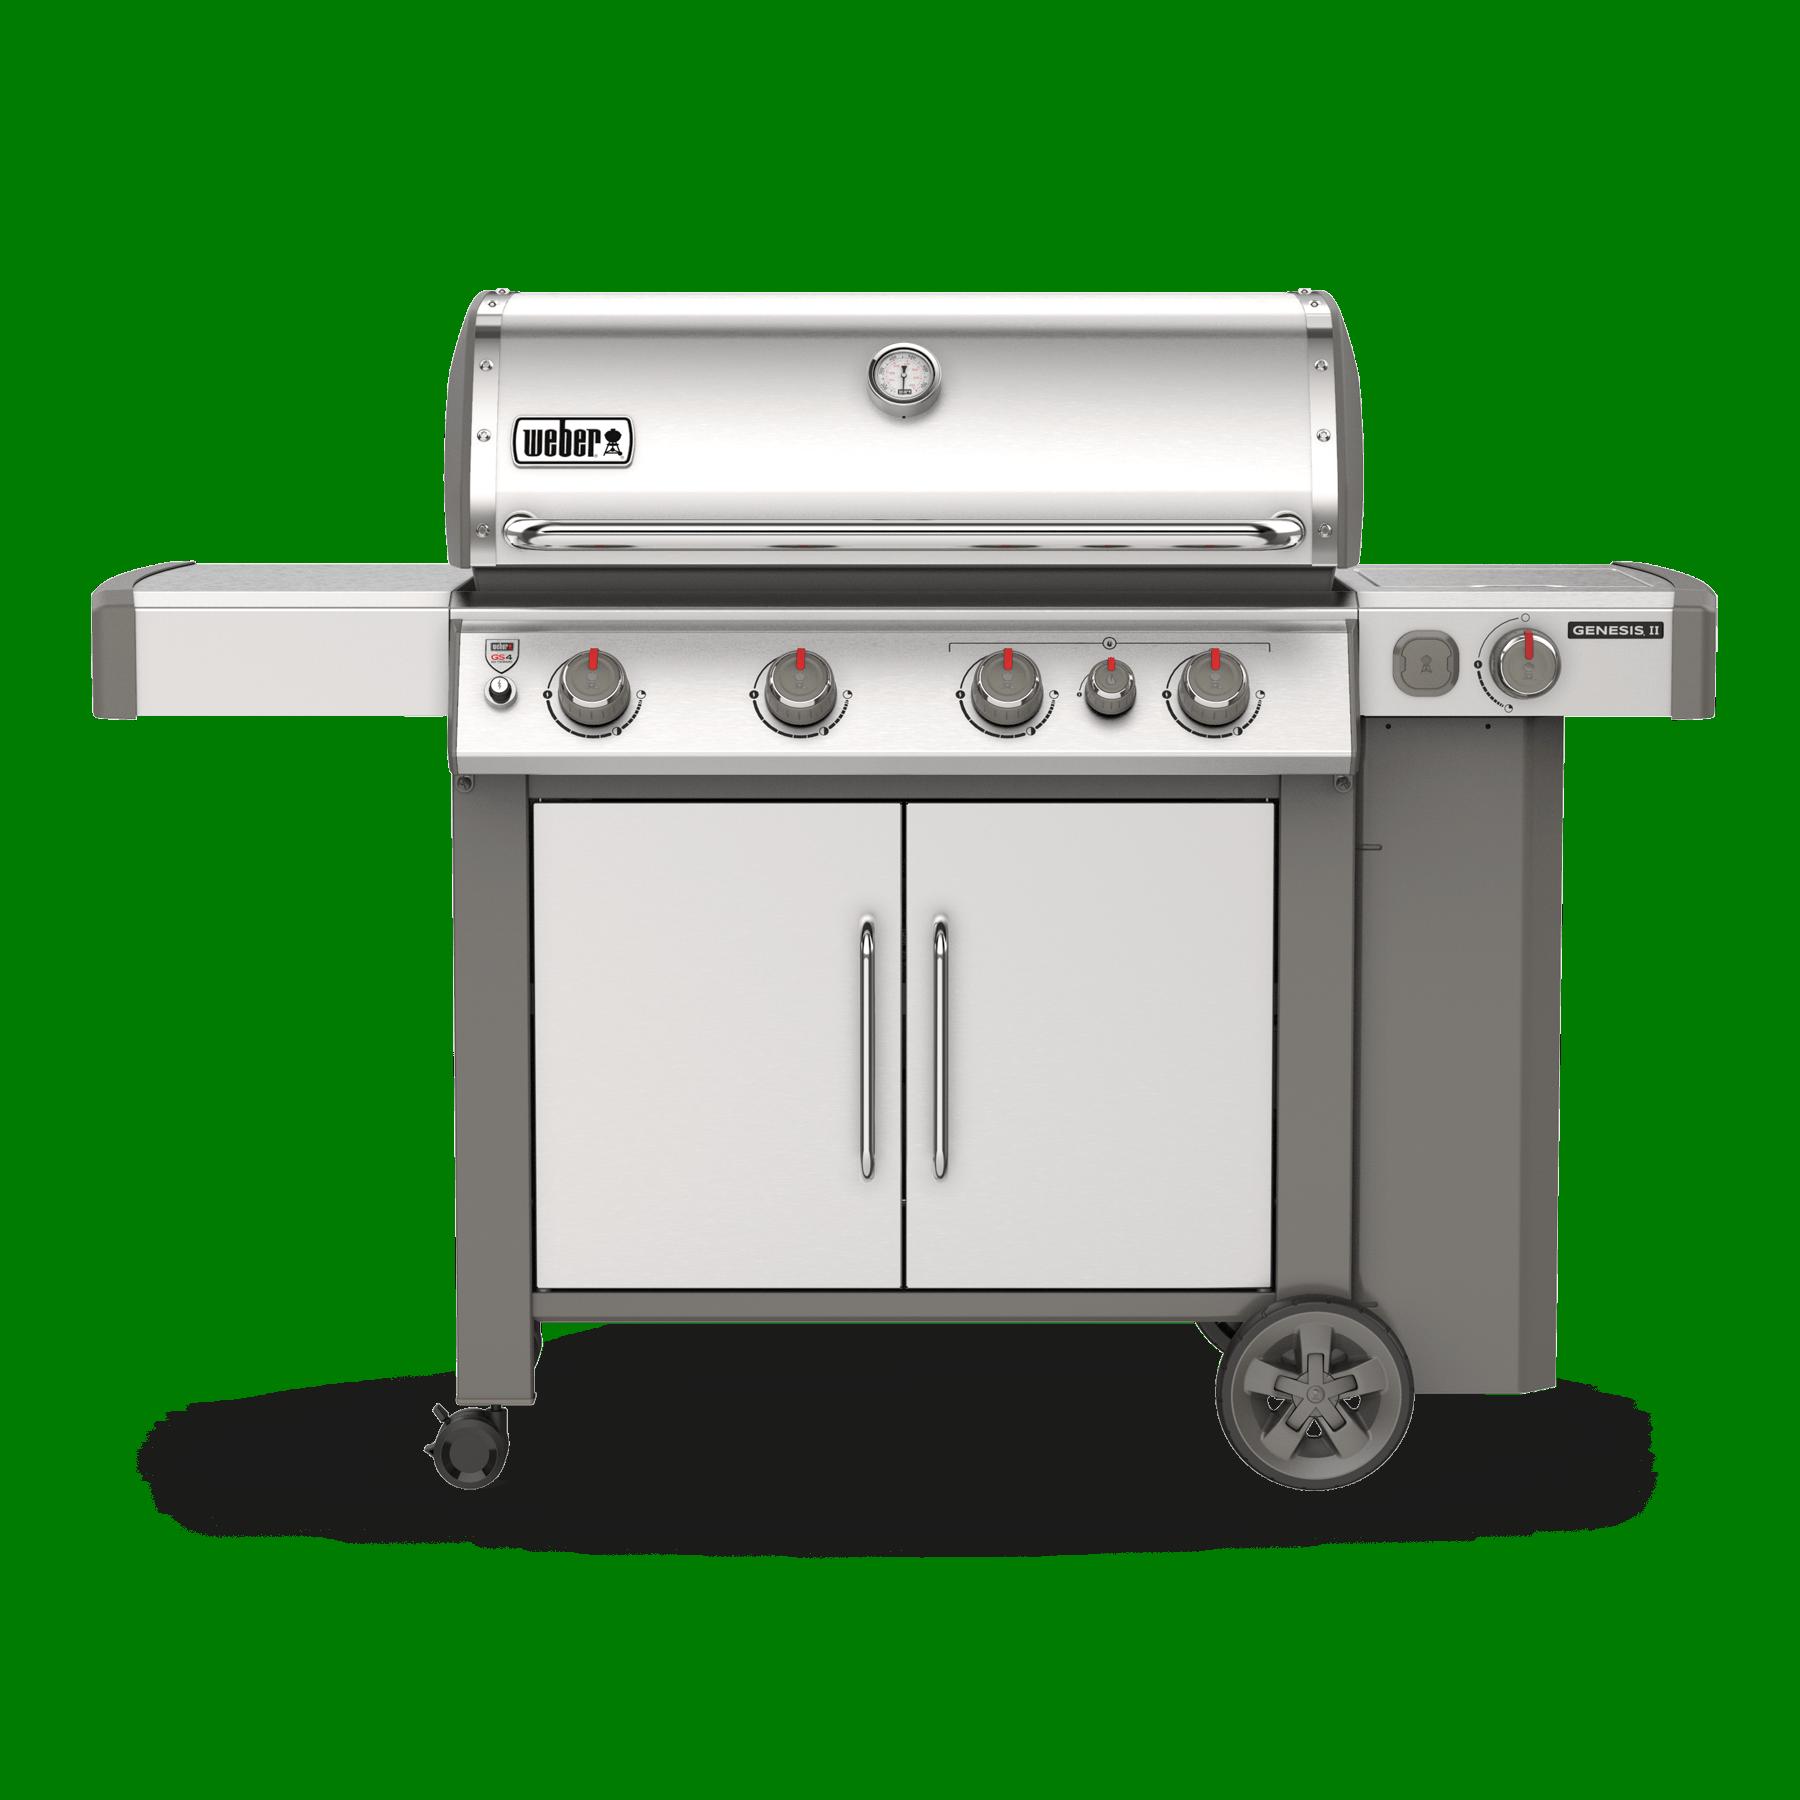 Genesis Ii S 435 Gas Grill Genesis Ii Series Gas Grills In 2020 Gas Grill Propane Gas Grill Propane Grill